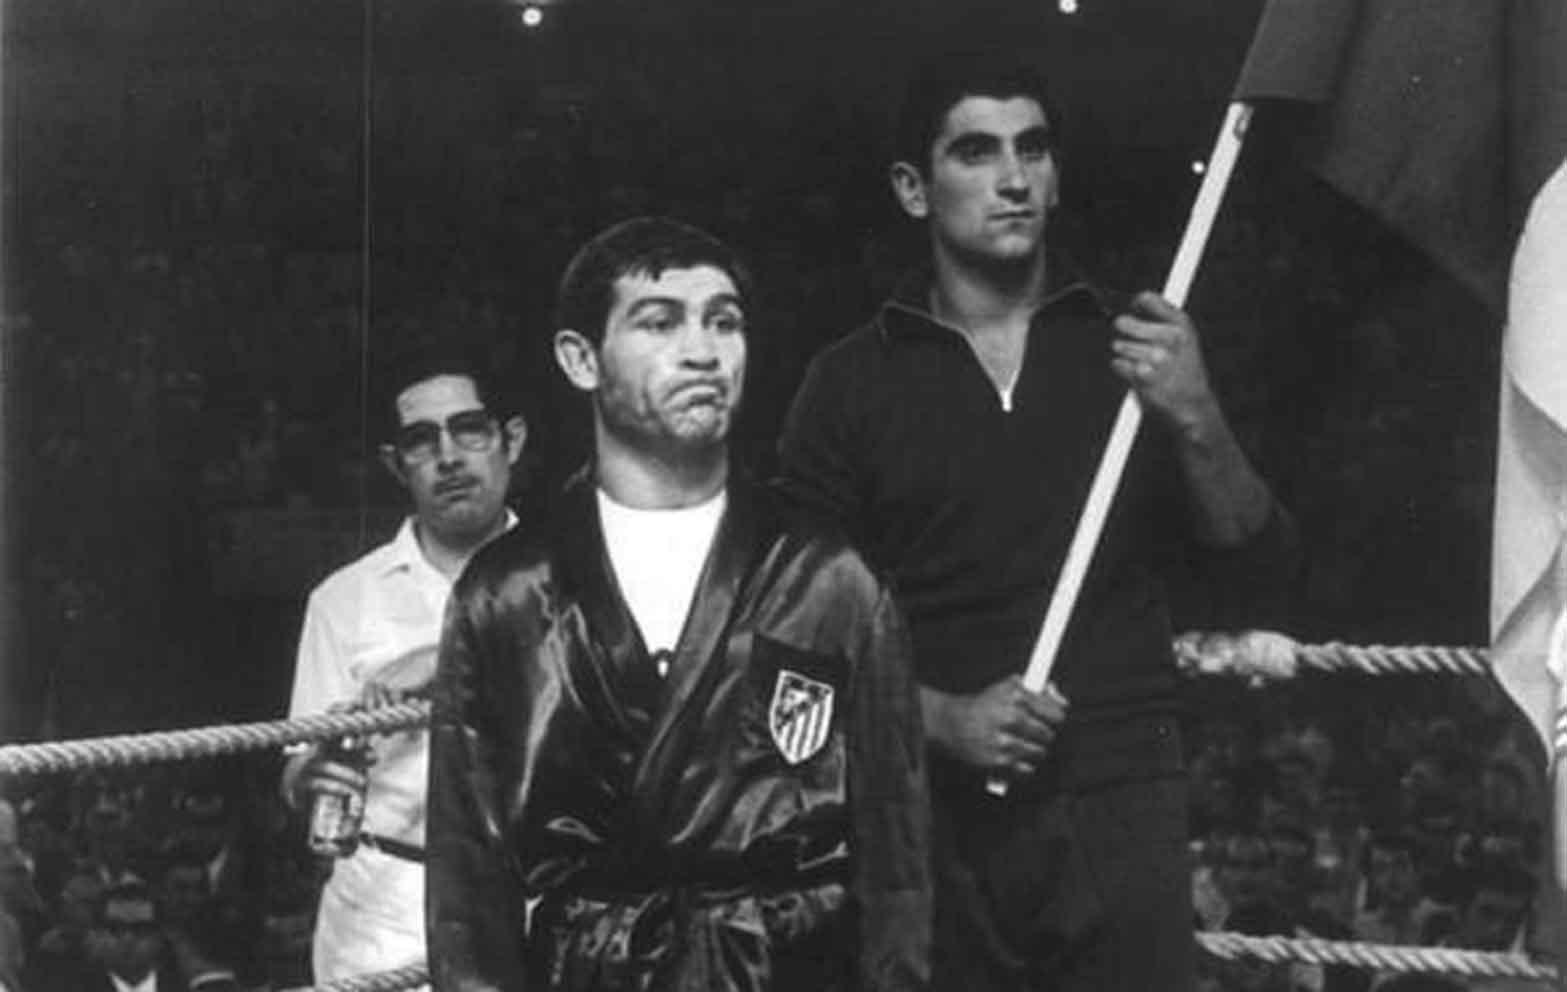 Manuel Fernández Calvo durante un combate. Foto: Federación Española de Boxeo (FEB).